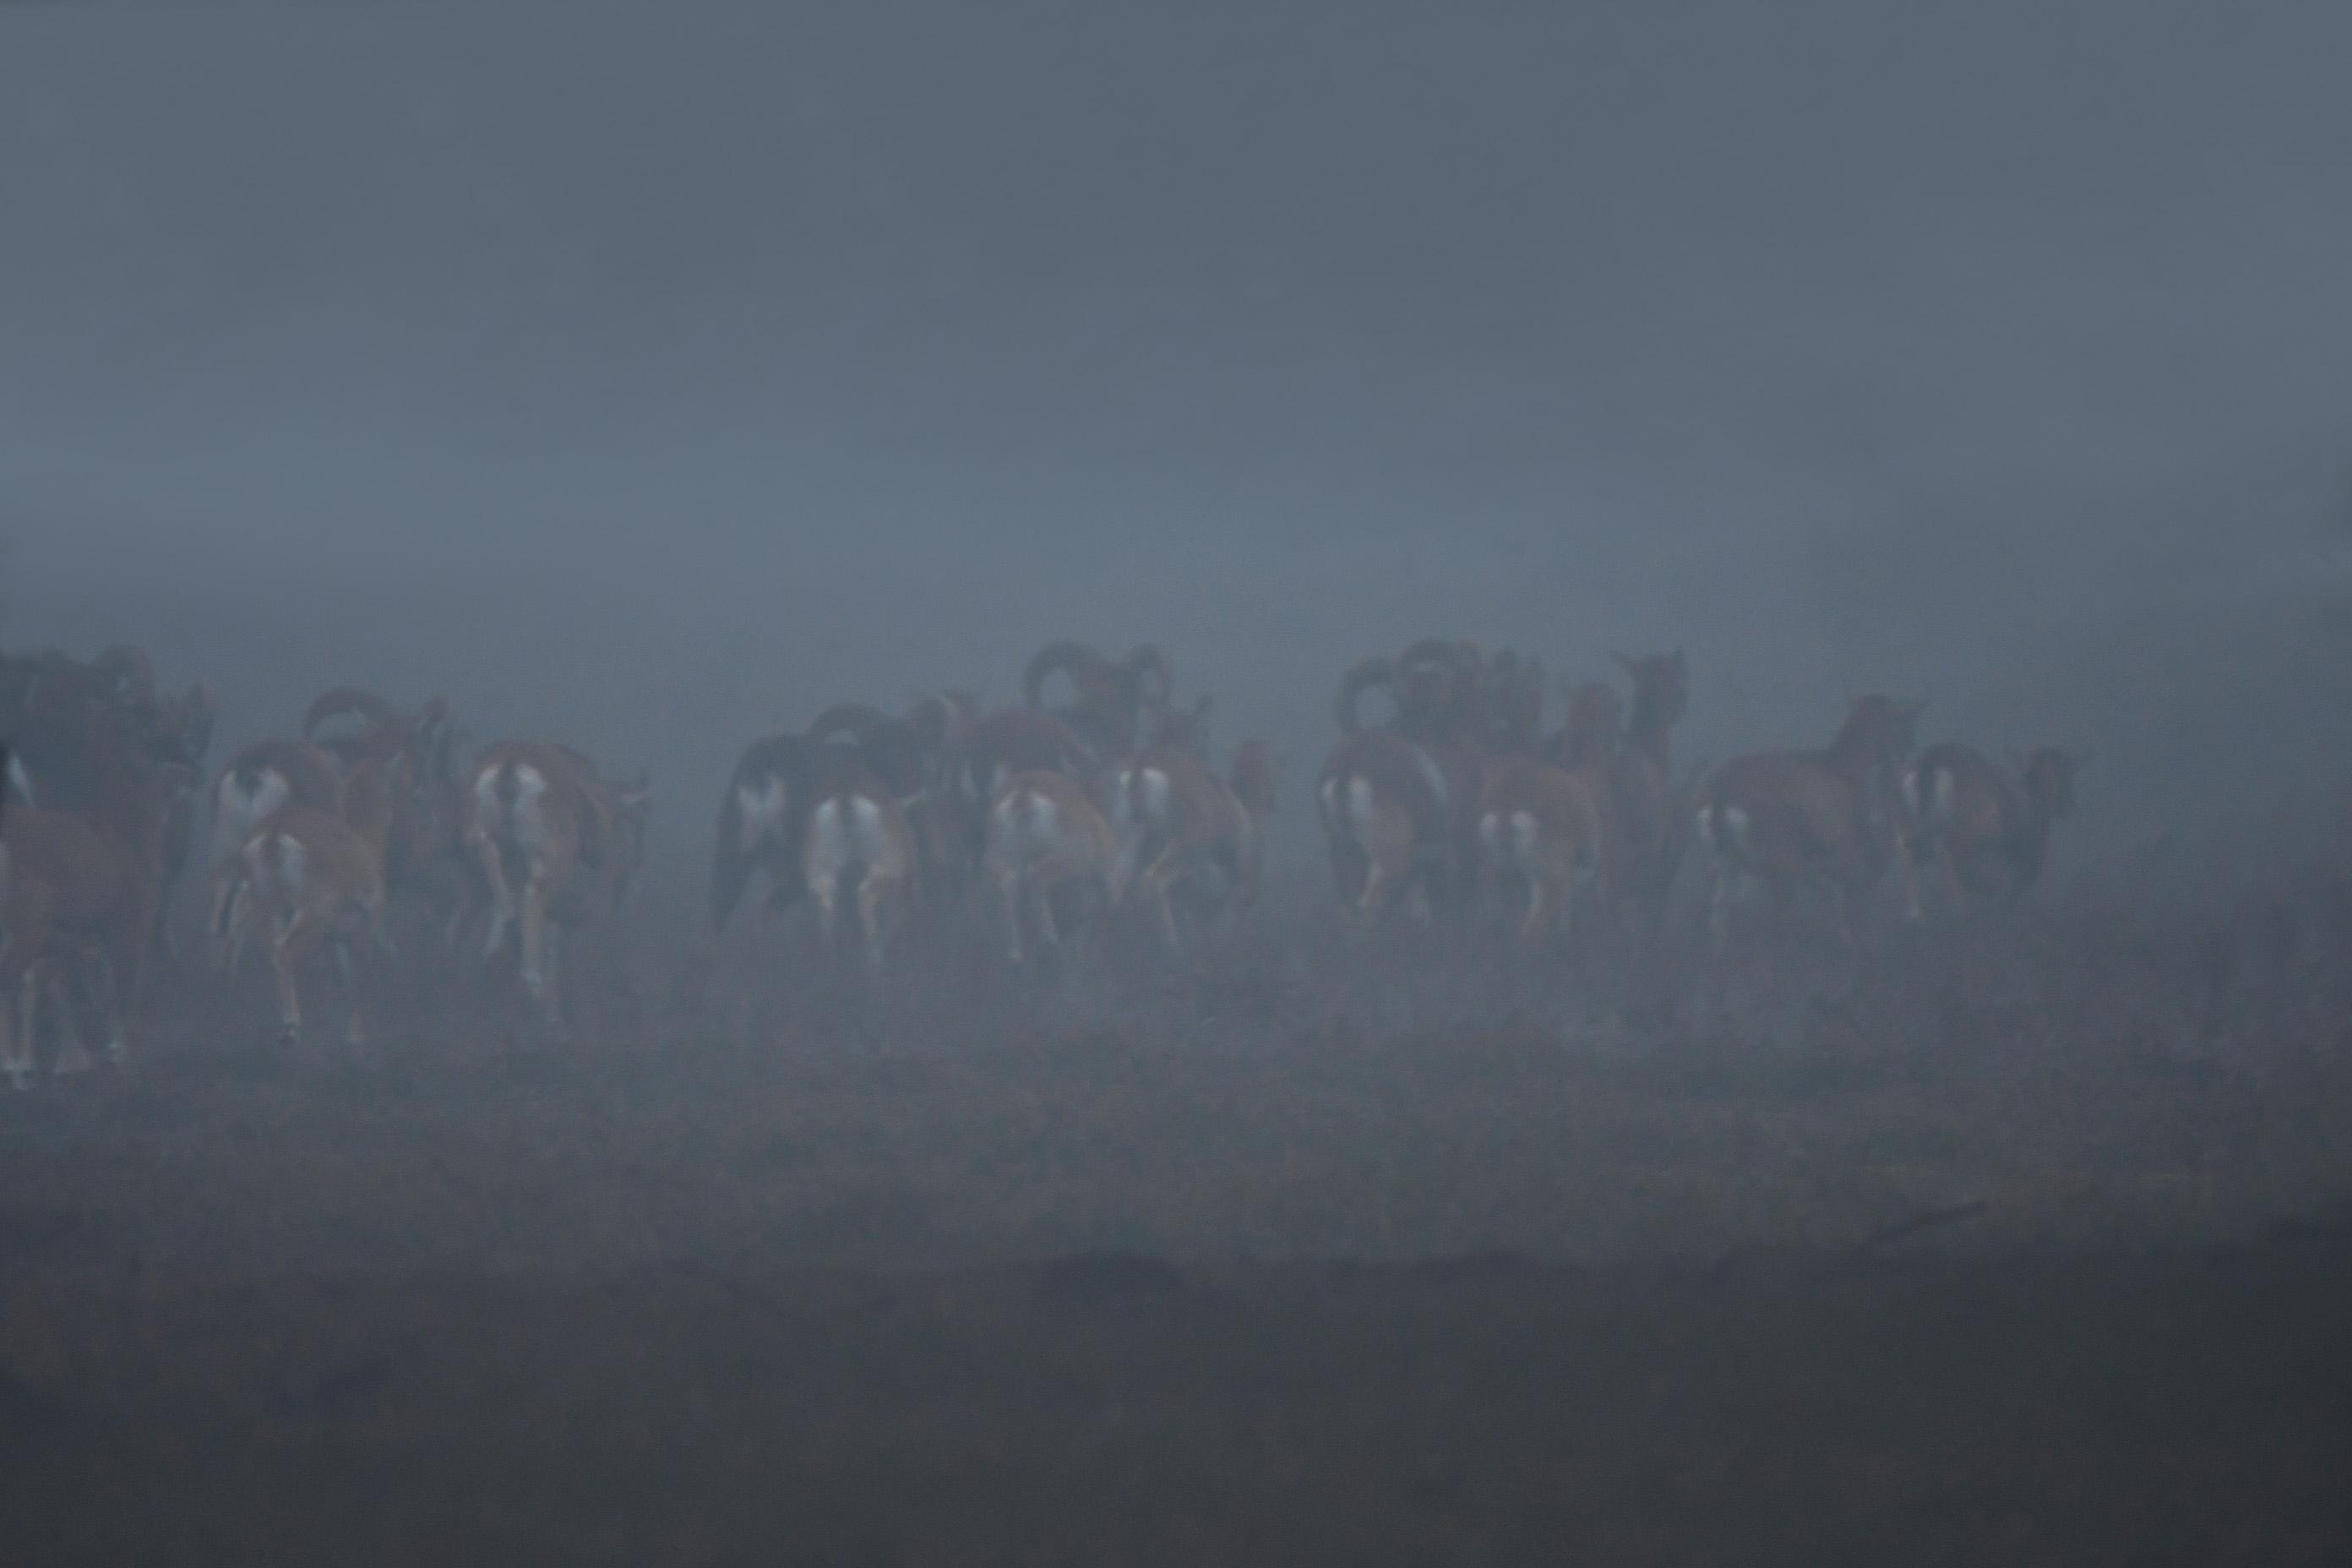 Nog een laatste blik en dan zijn ze verdwenen in de mist.... - Foto's: ©Louis Fraanje